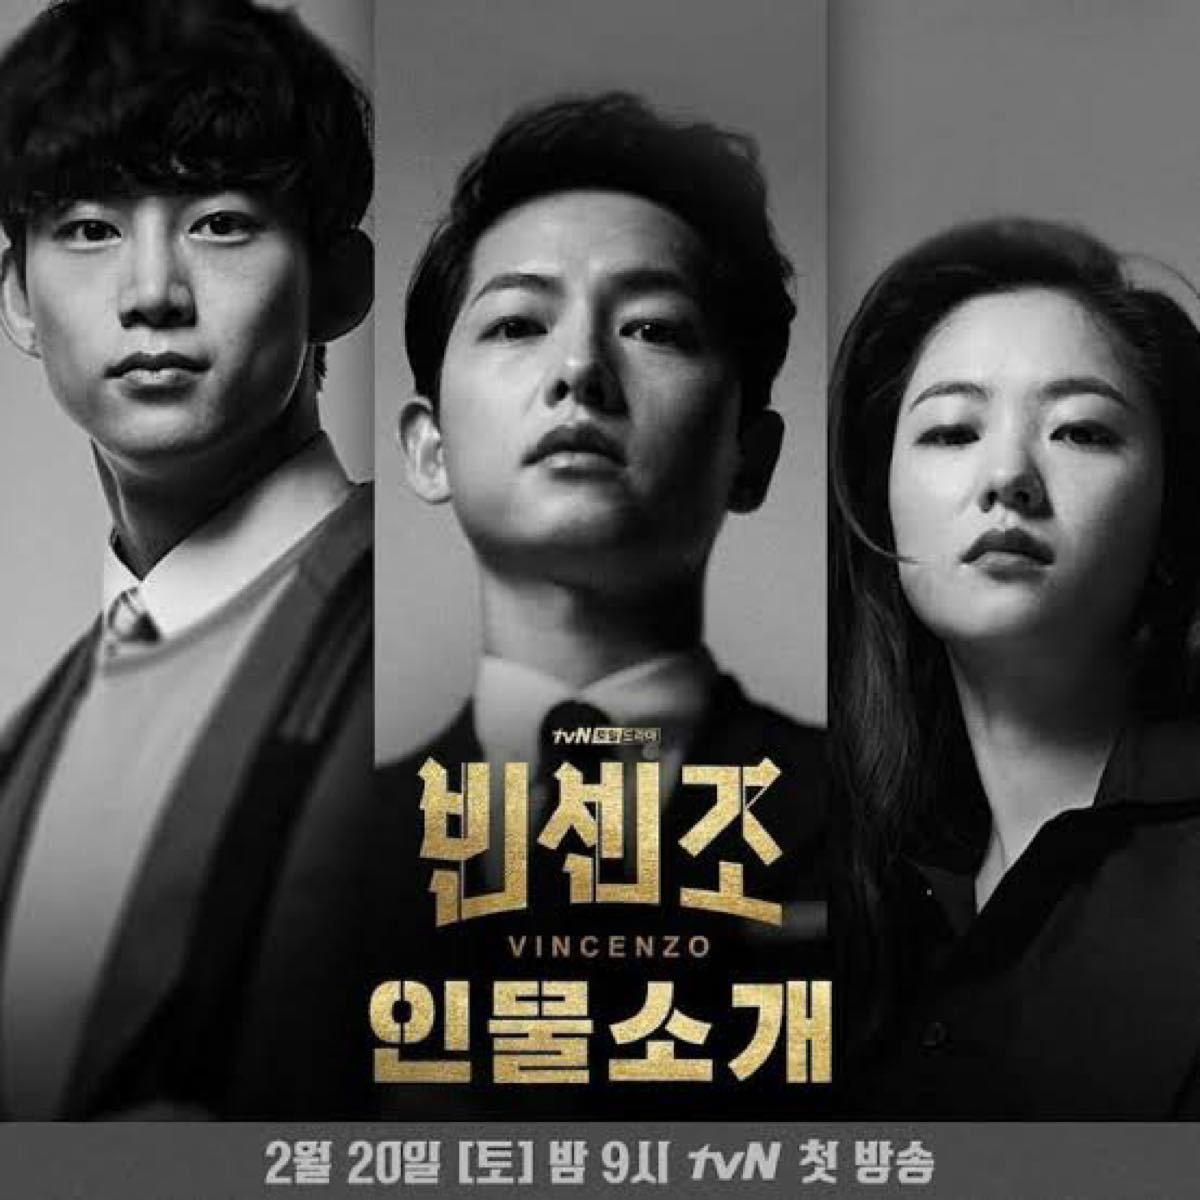 韓国ドラマ・ヴィンチェンツォ